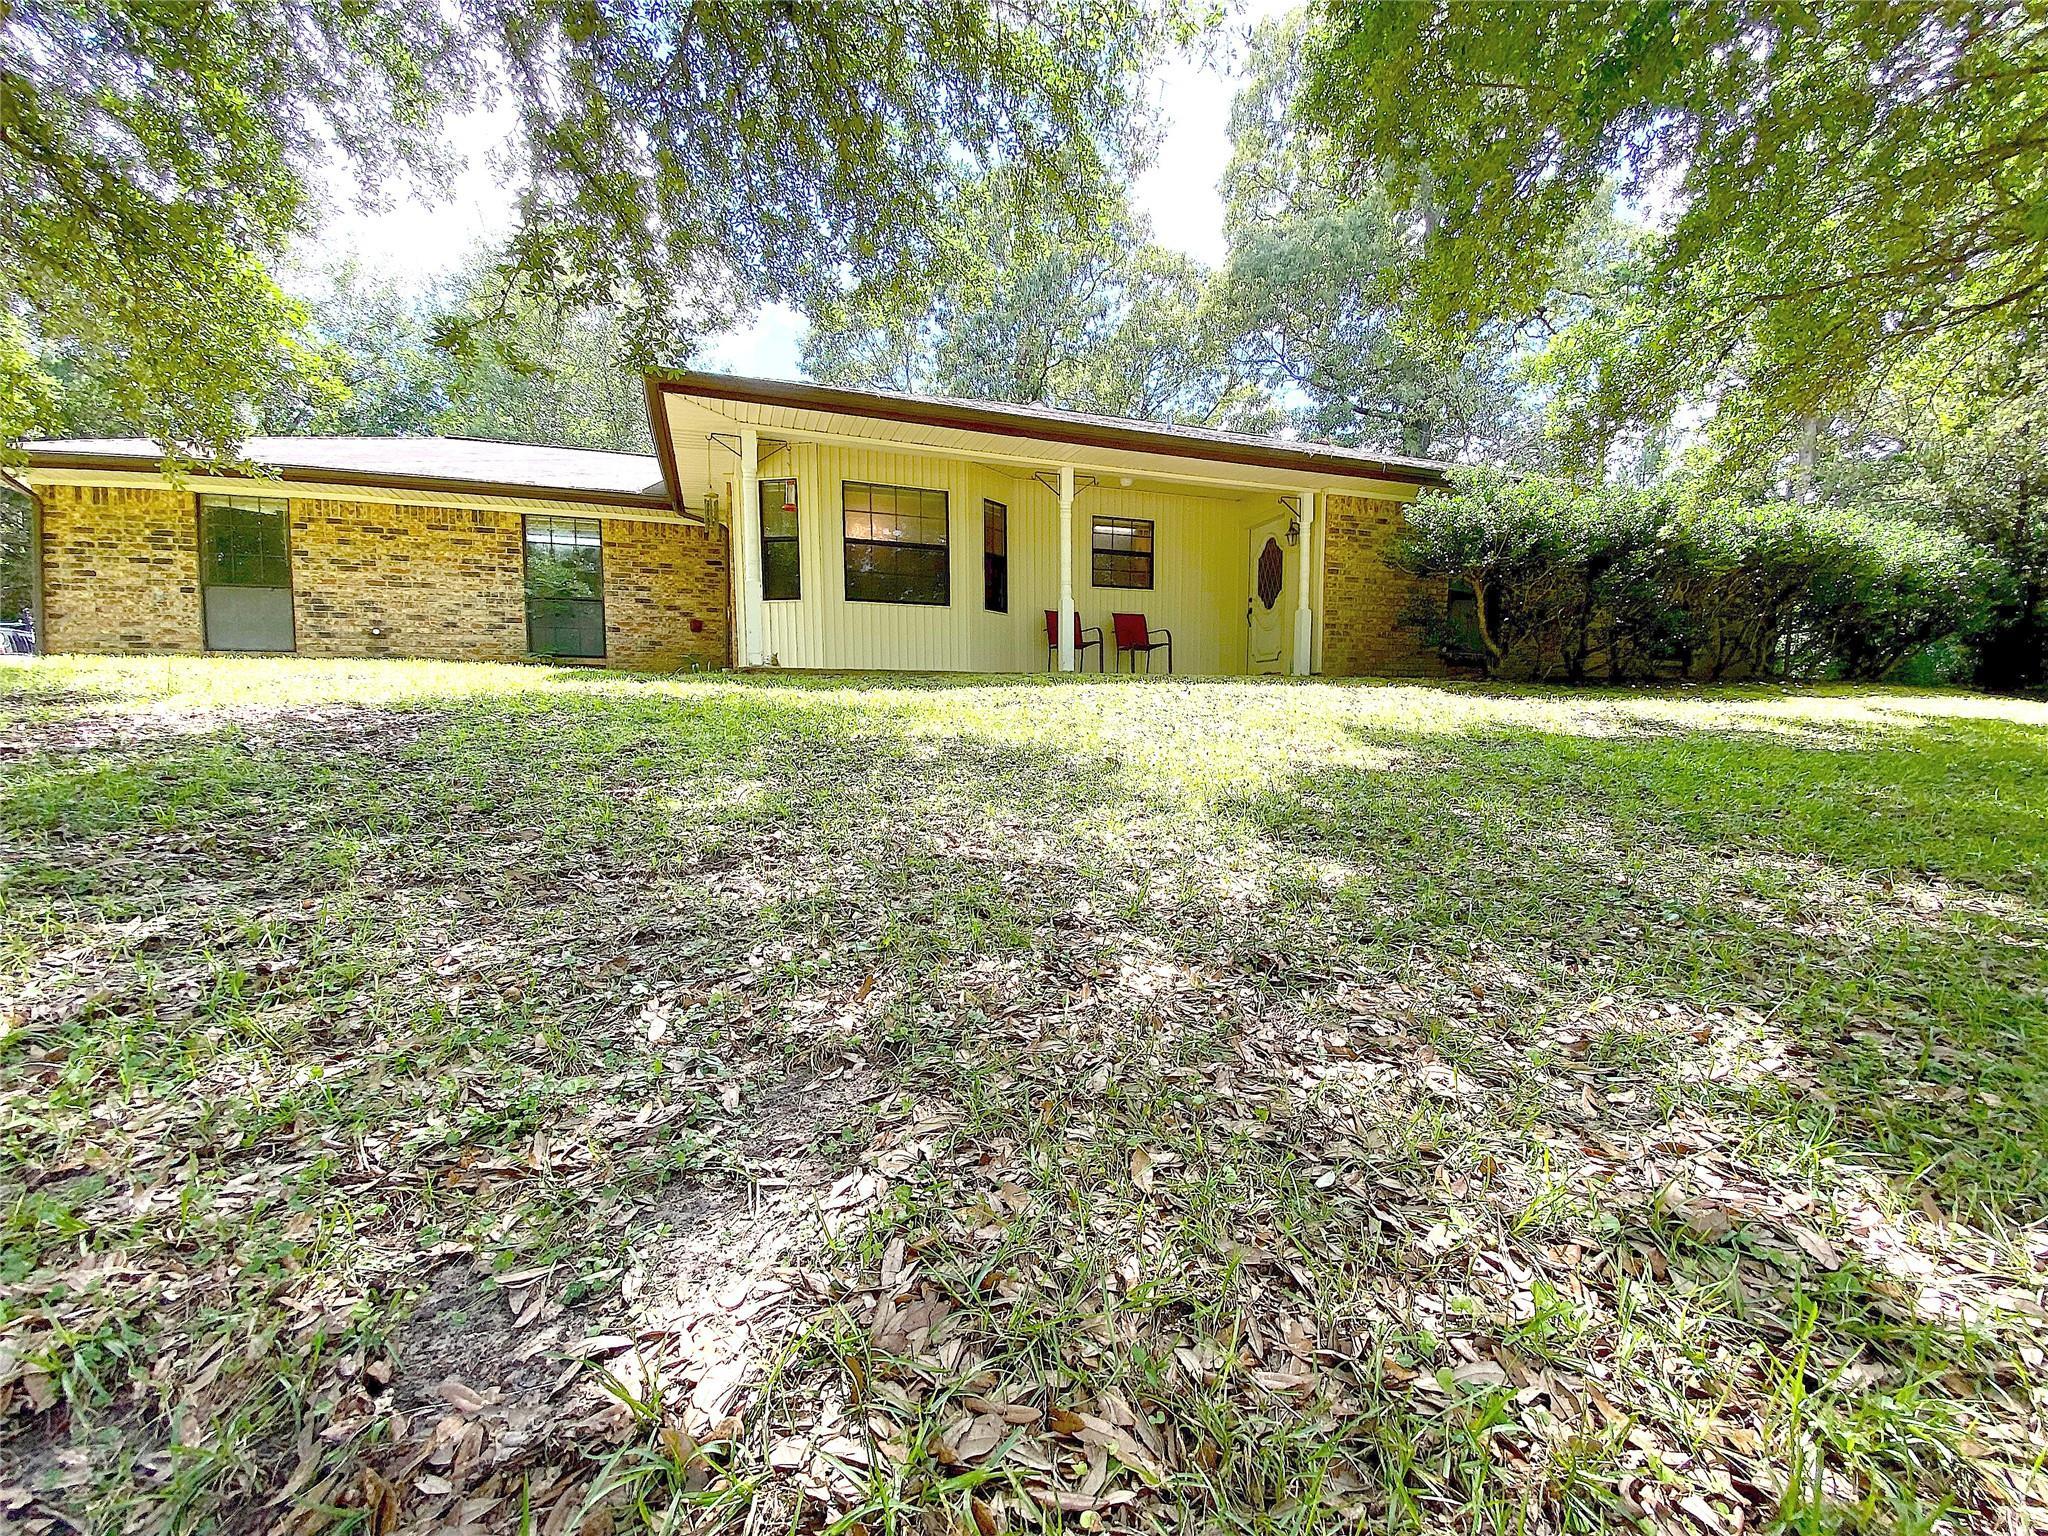 9746 W Fm 1004 Property Photo